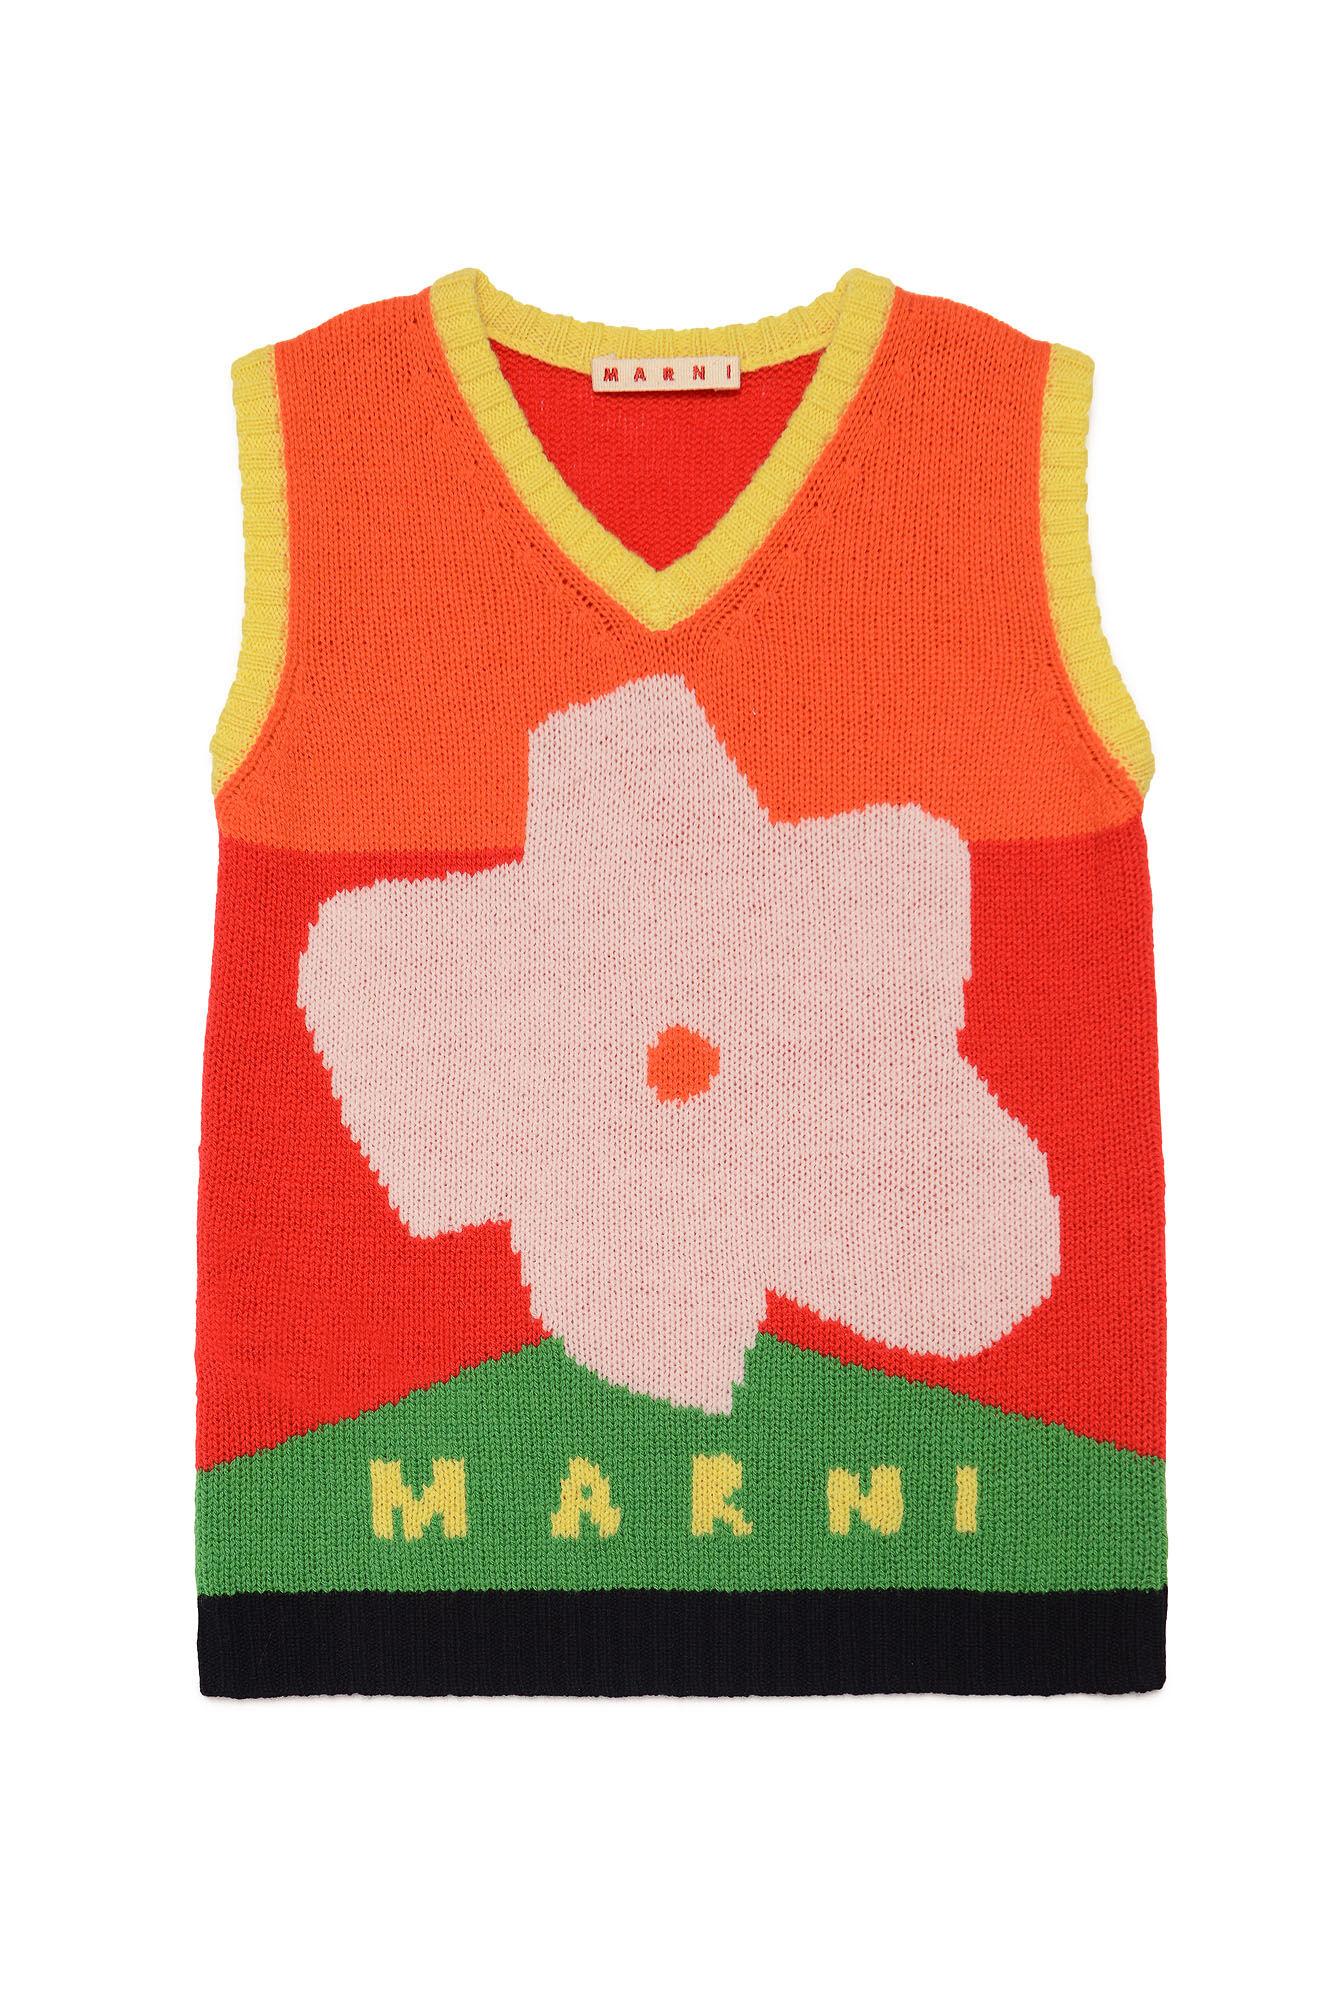 Maglia - Marni Junior